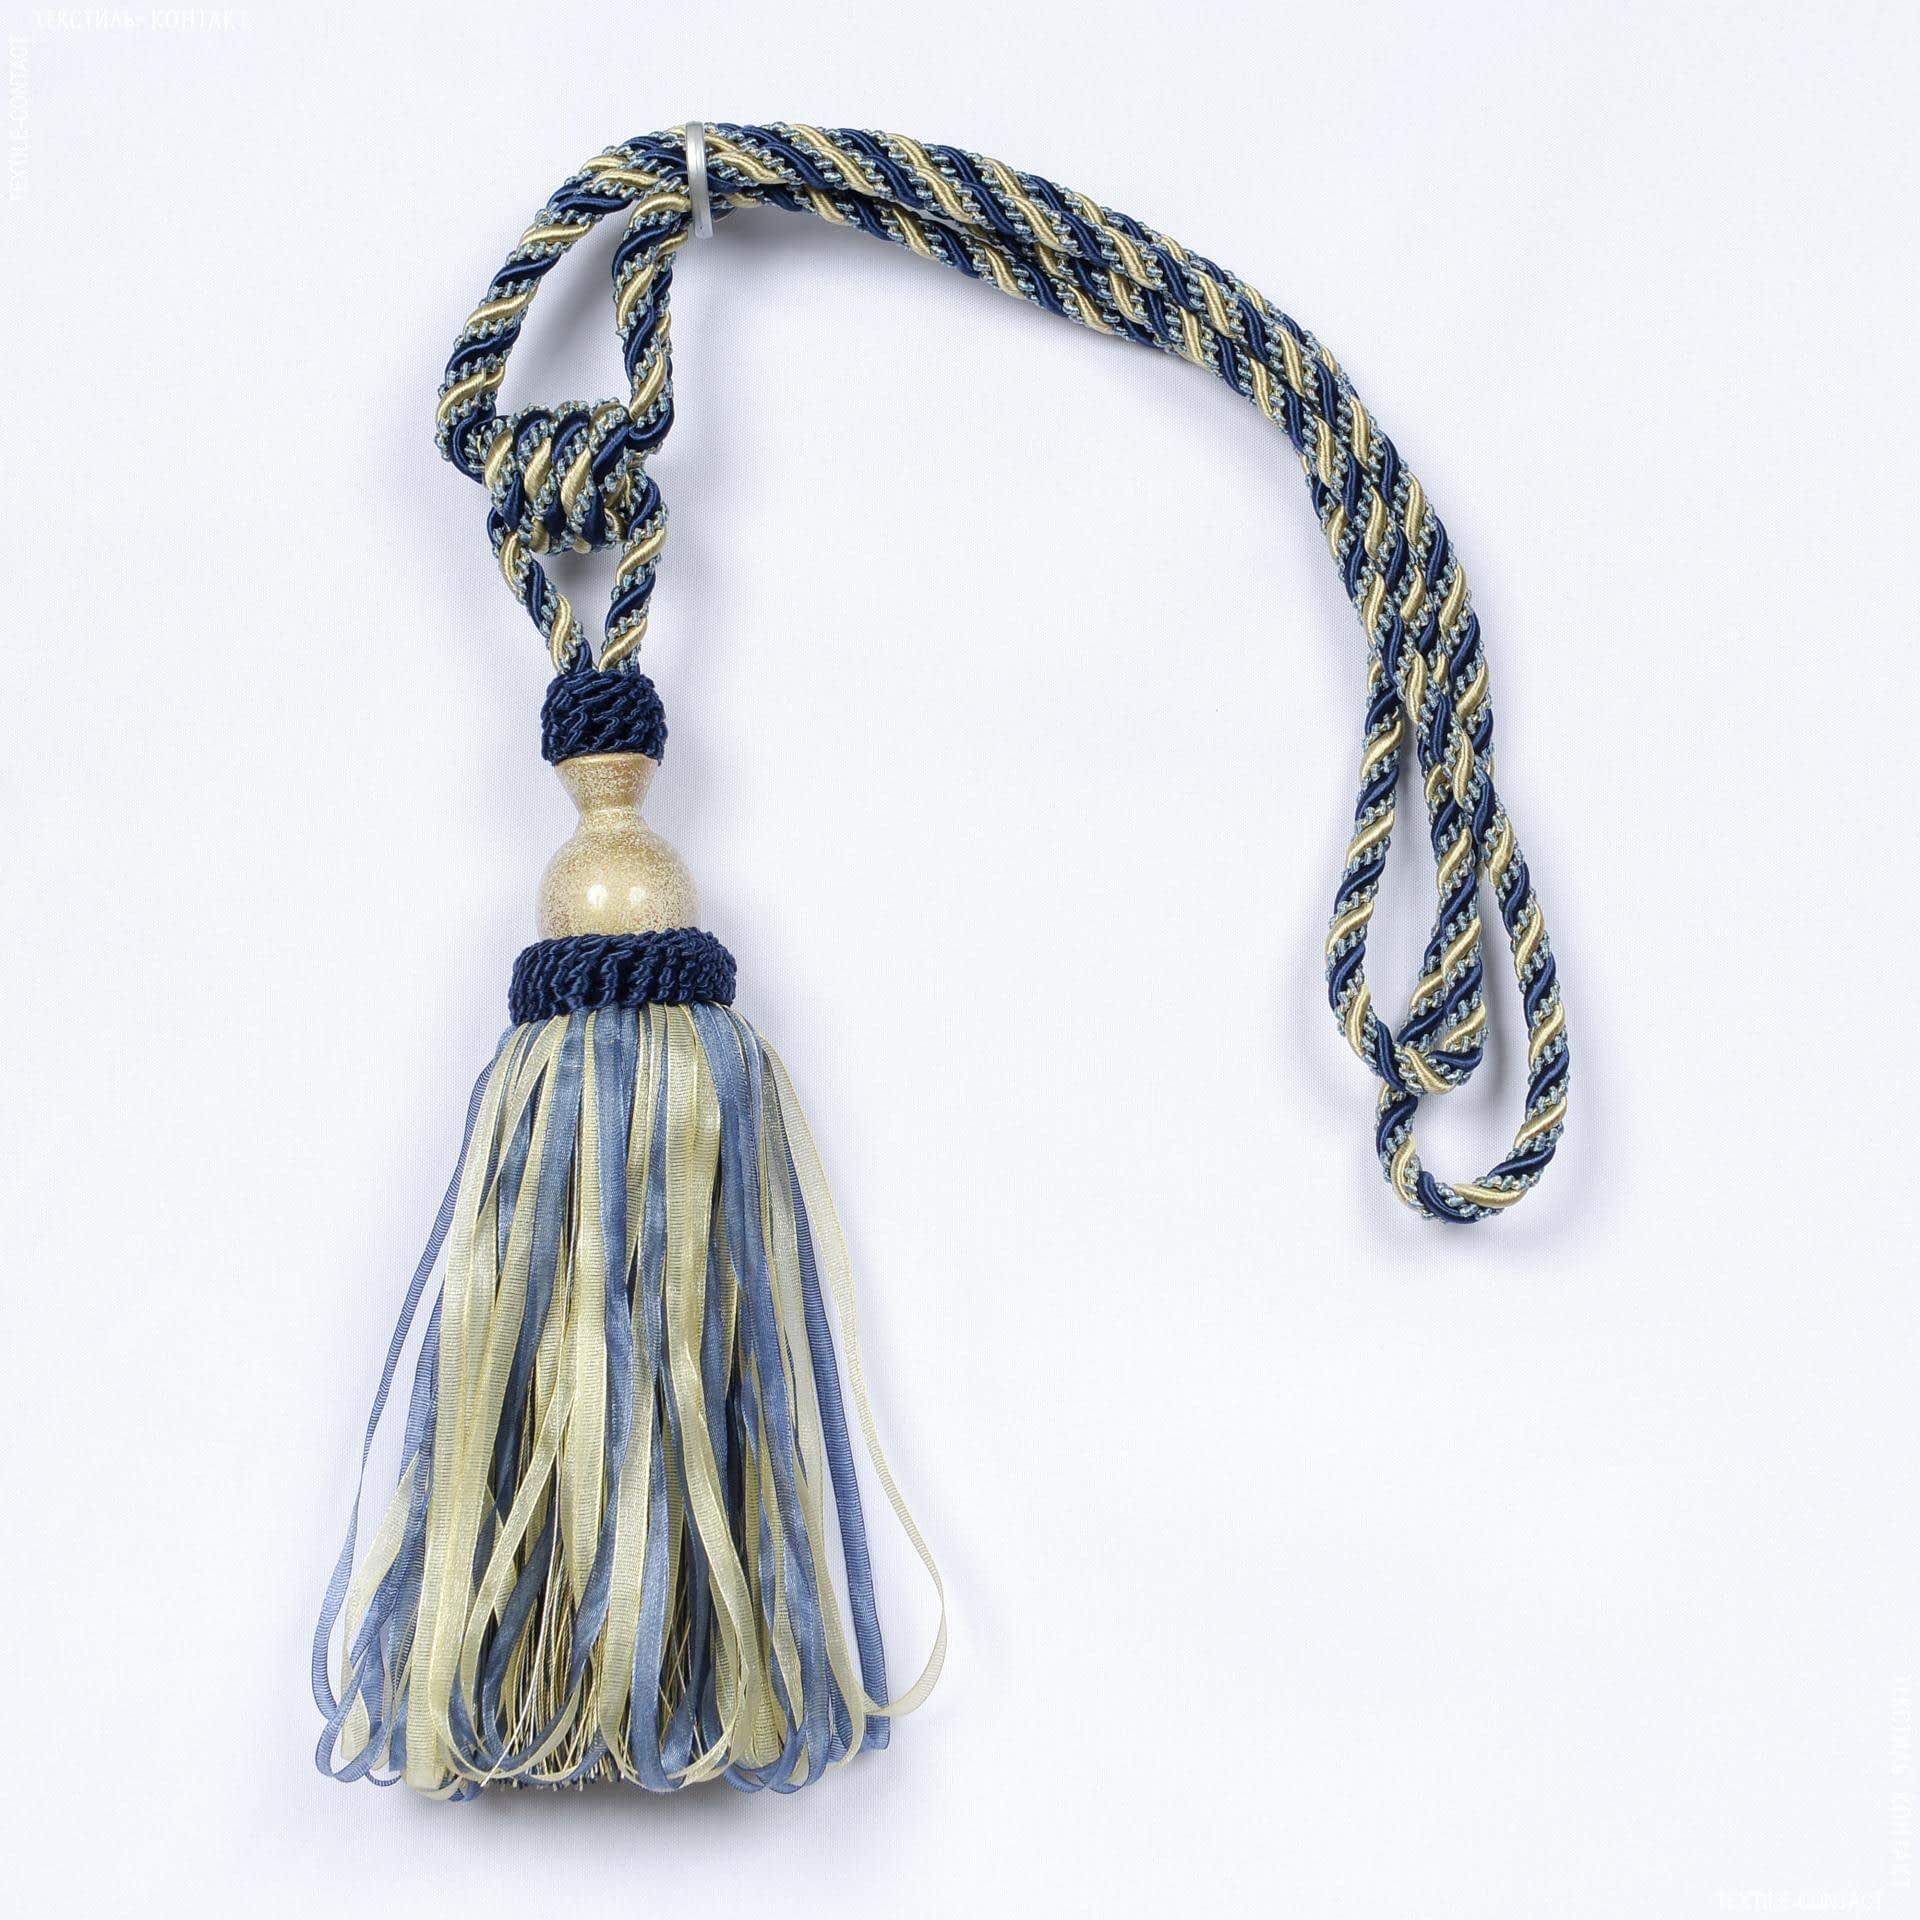 Тканини фурнітура для декора - Кисті імеджен органза синьо-блакитний